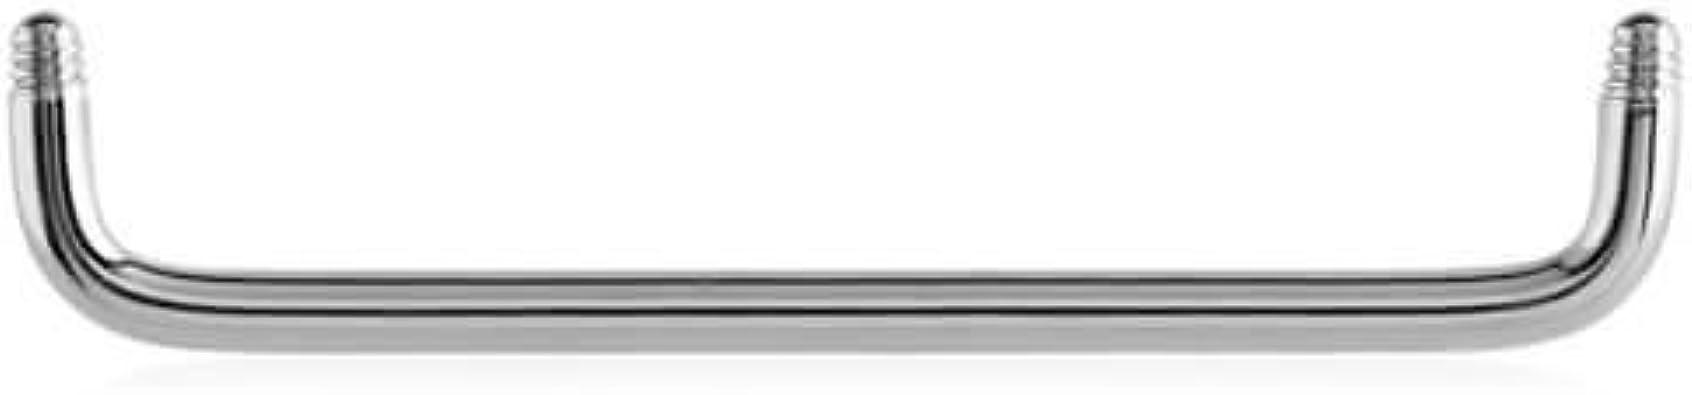 Micro agrafe Titane 90 degrés 1.5mm avec boules